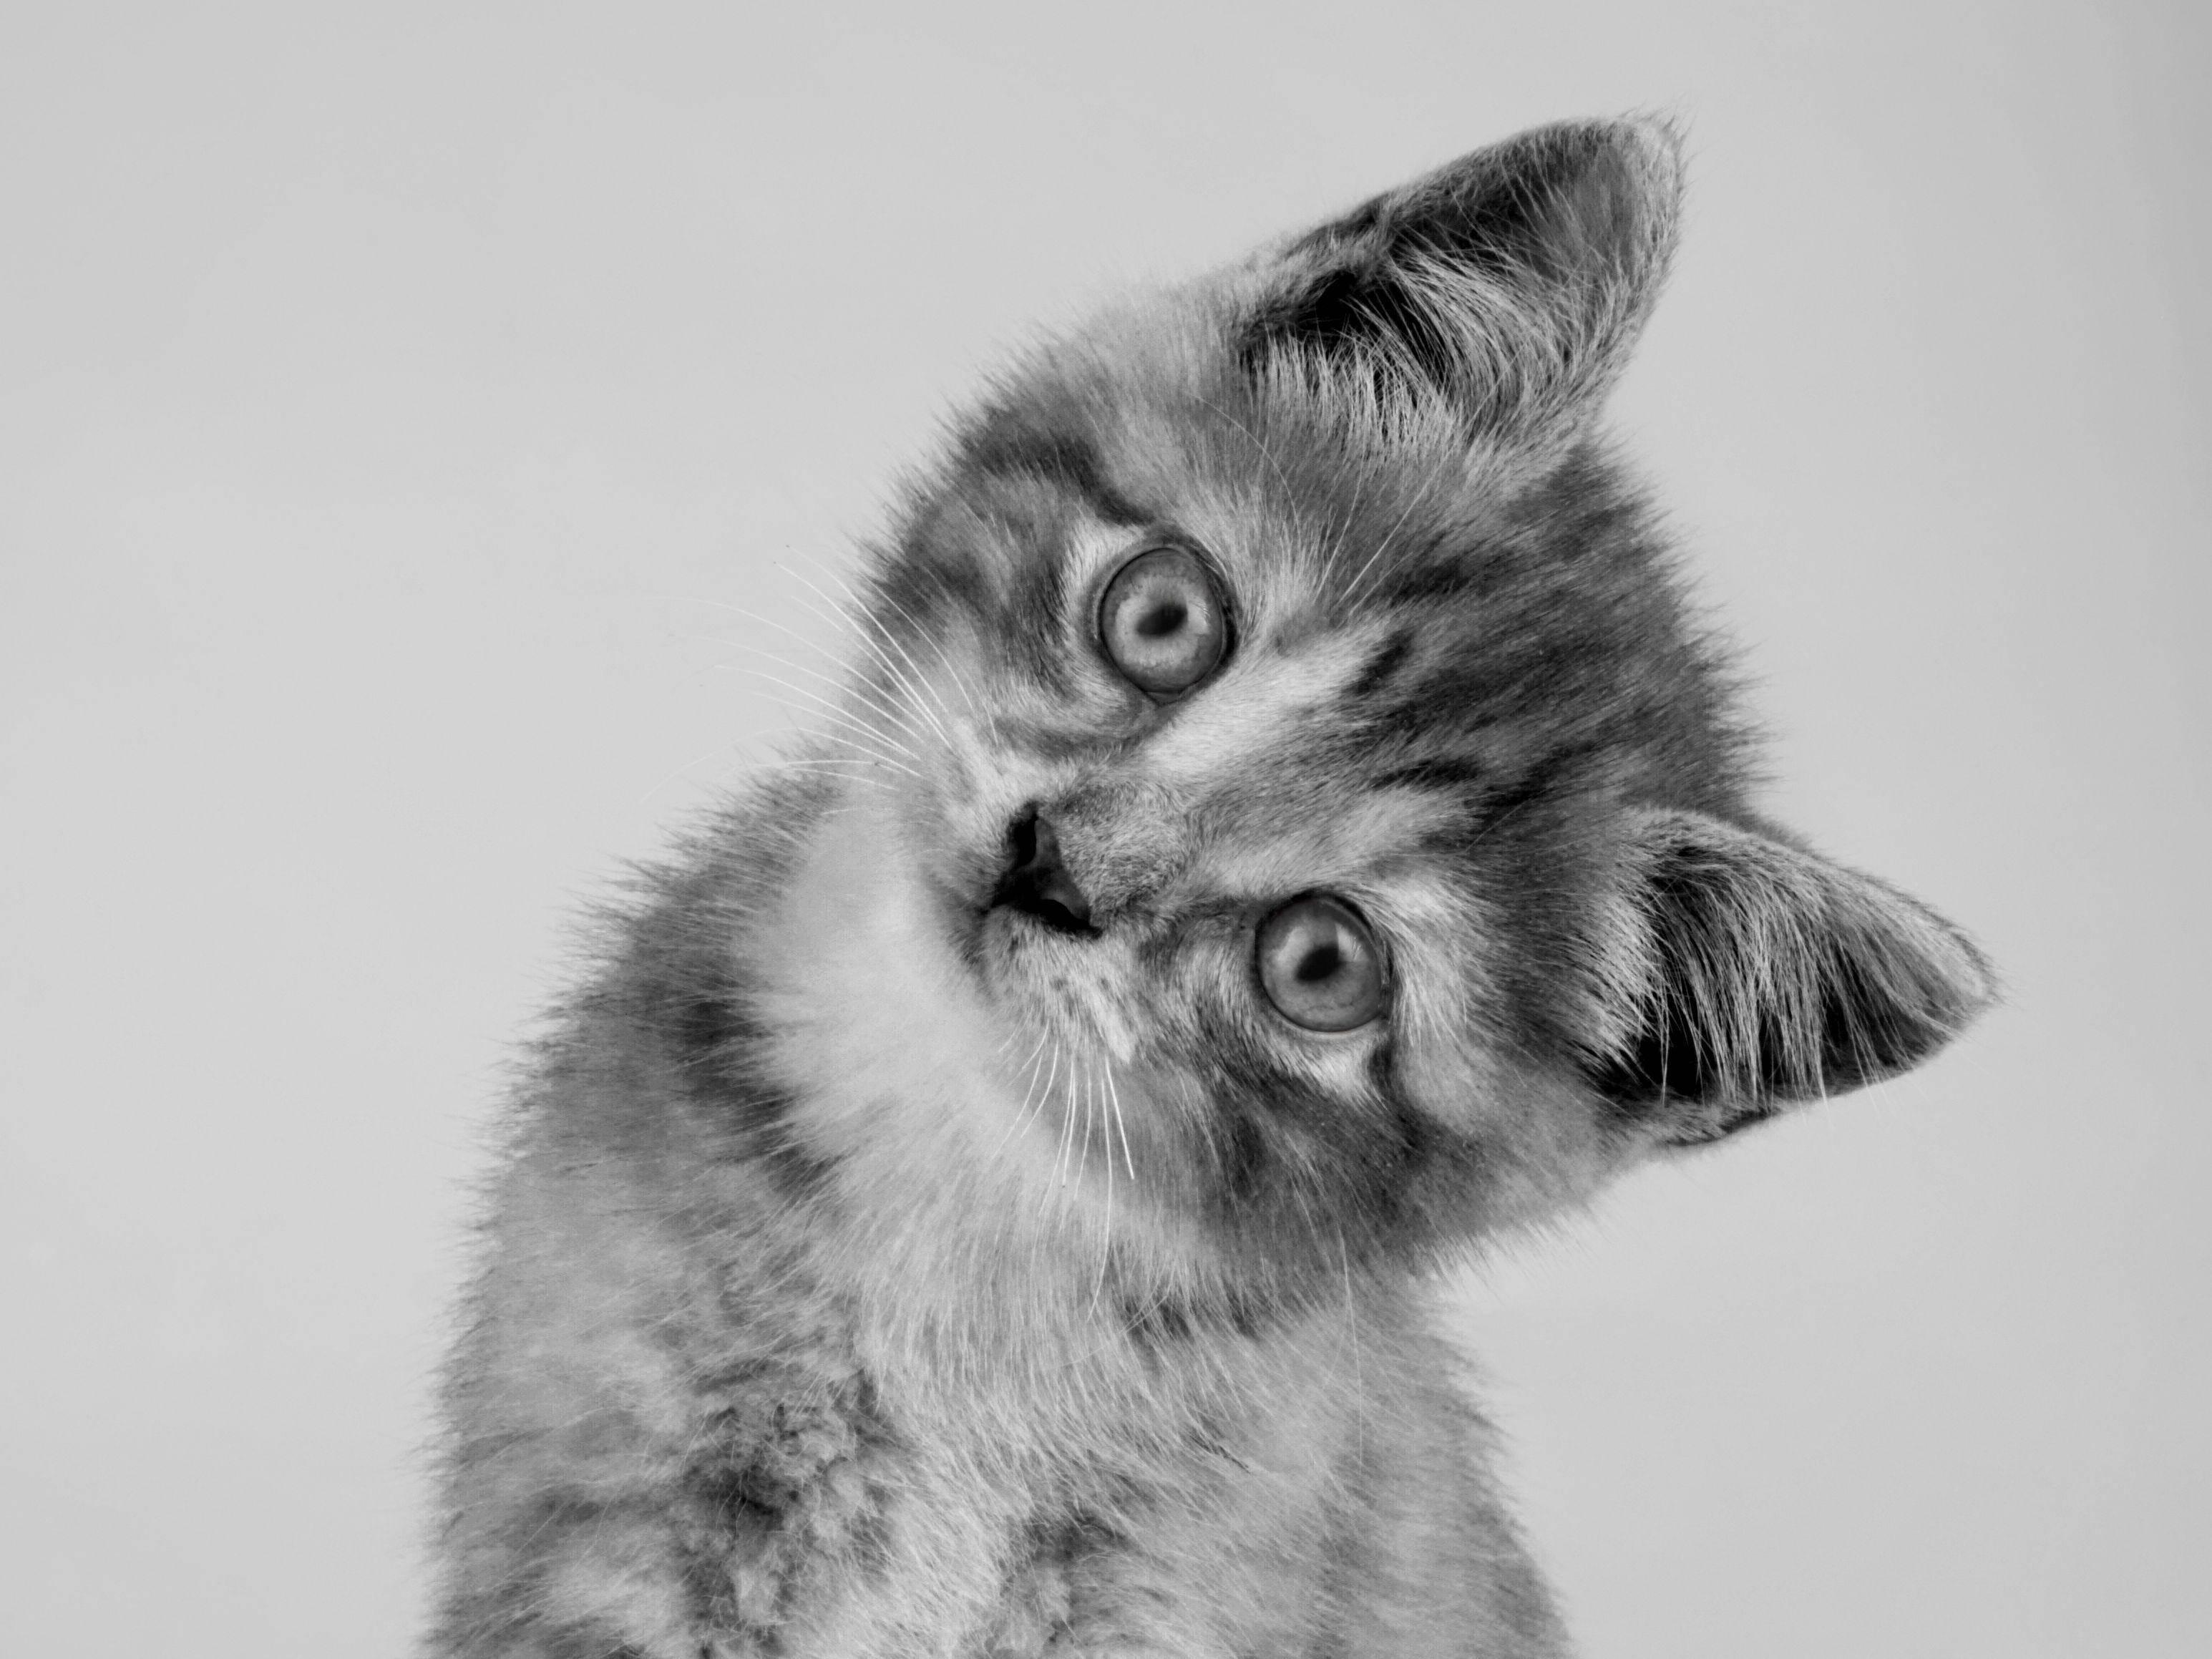 Platz 2: Ganz kleine Katze, ganz viele Likes: Dieses Kitten ist auch in Schwarzweiss-Optik zum Knuddeln — Bild: Shutterstock / Lana Langlois